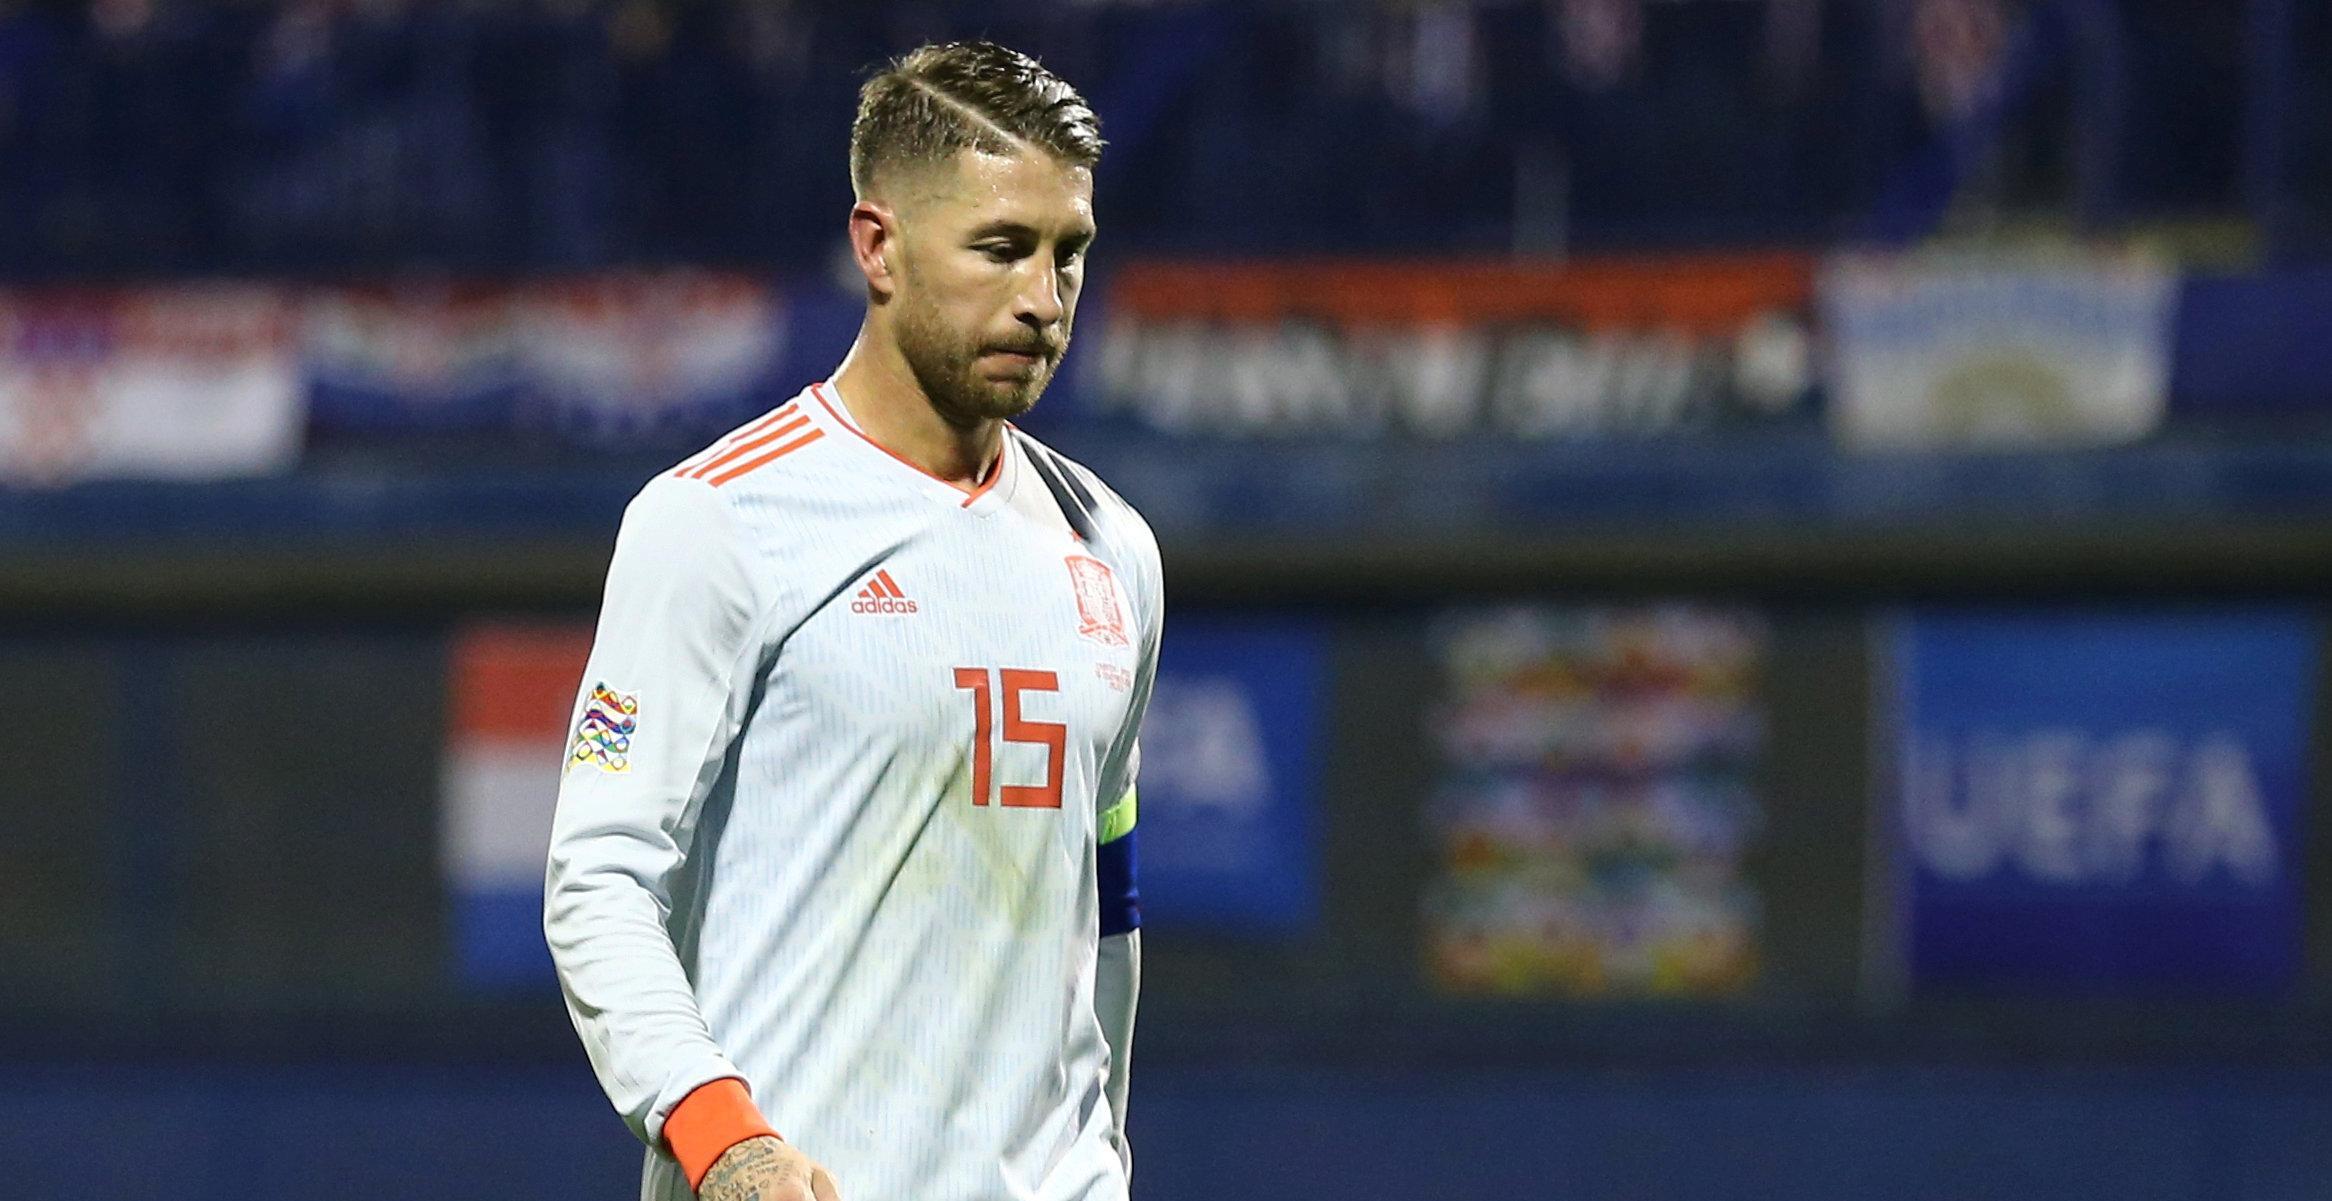 Sergio Ramos incumplió dos veces las normas antidopaje, según 'Football Leaks'